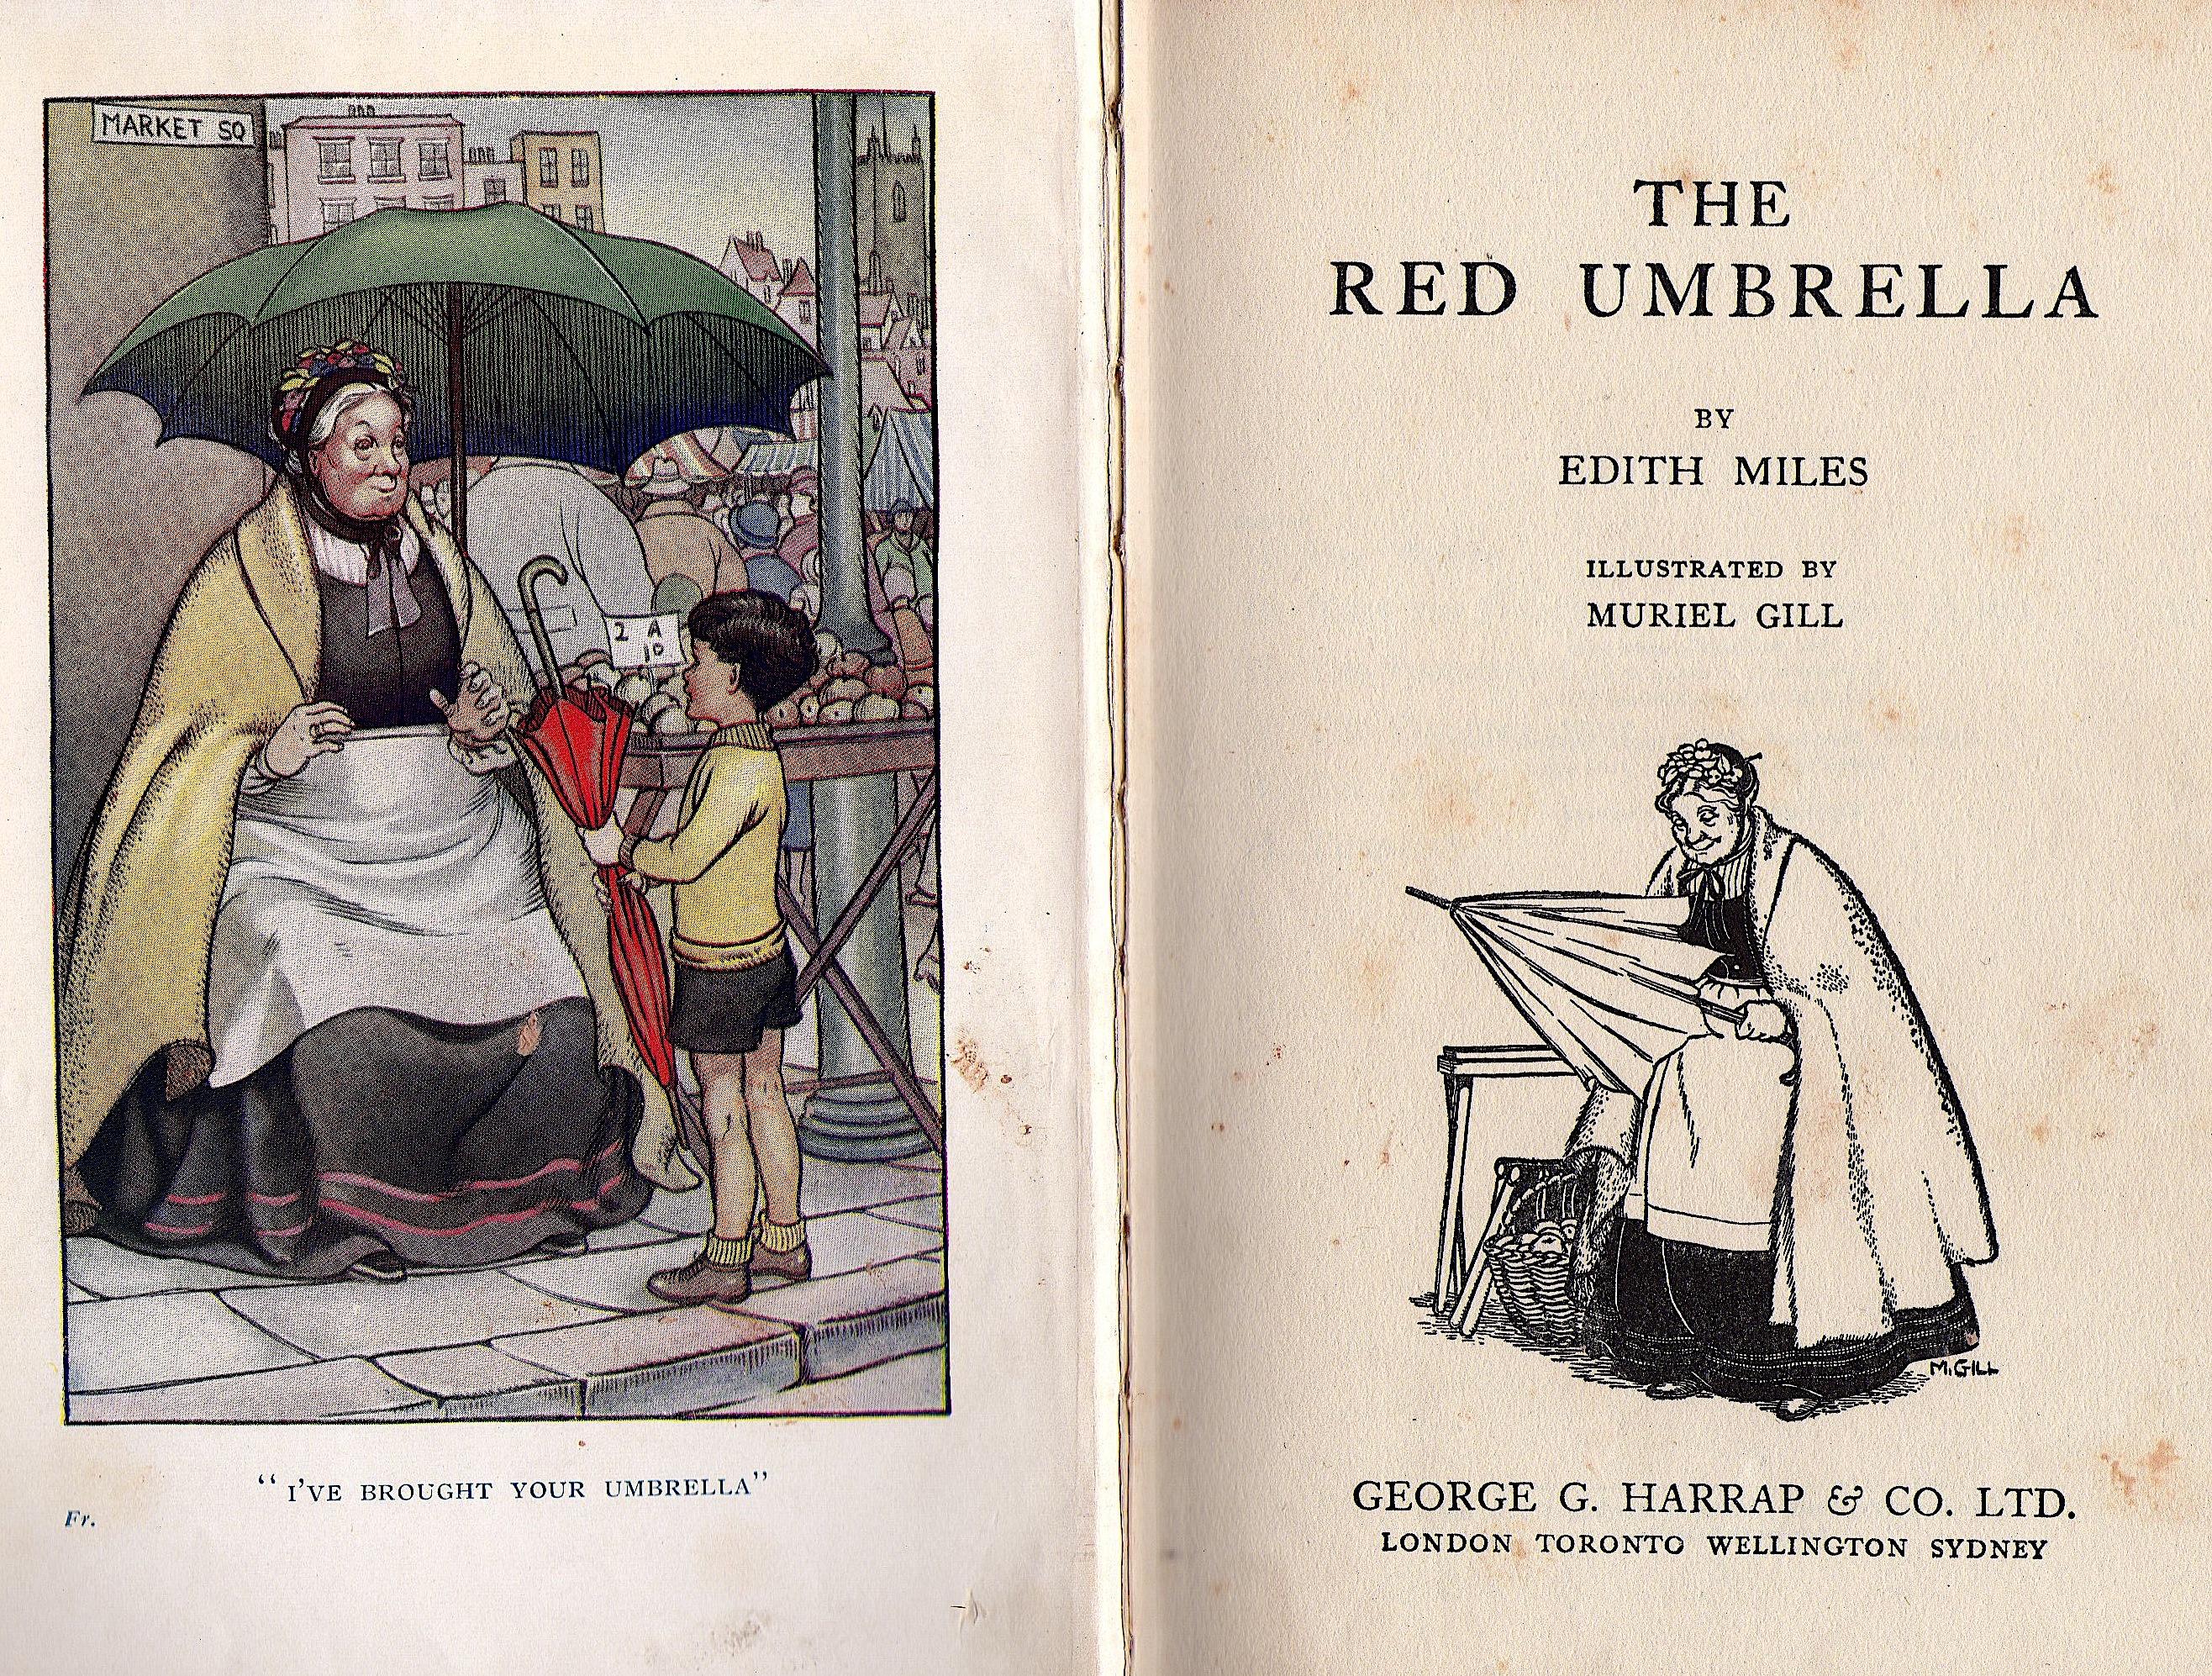 Red umbrella lowres